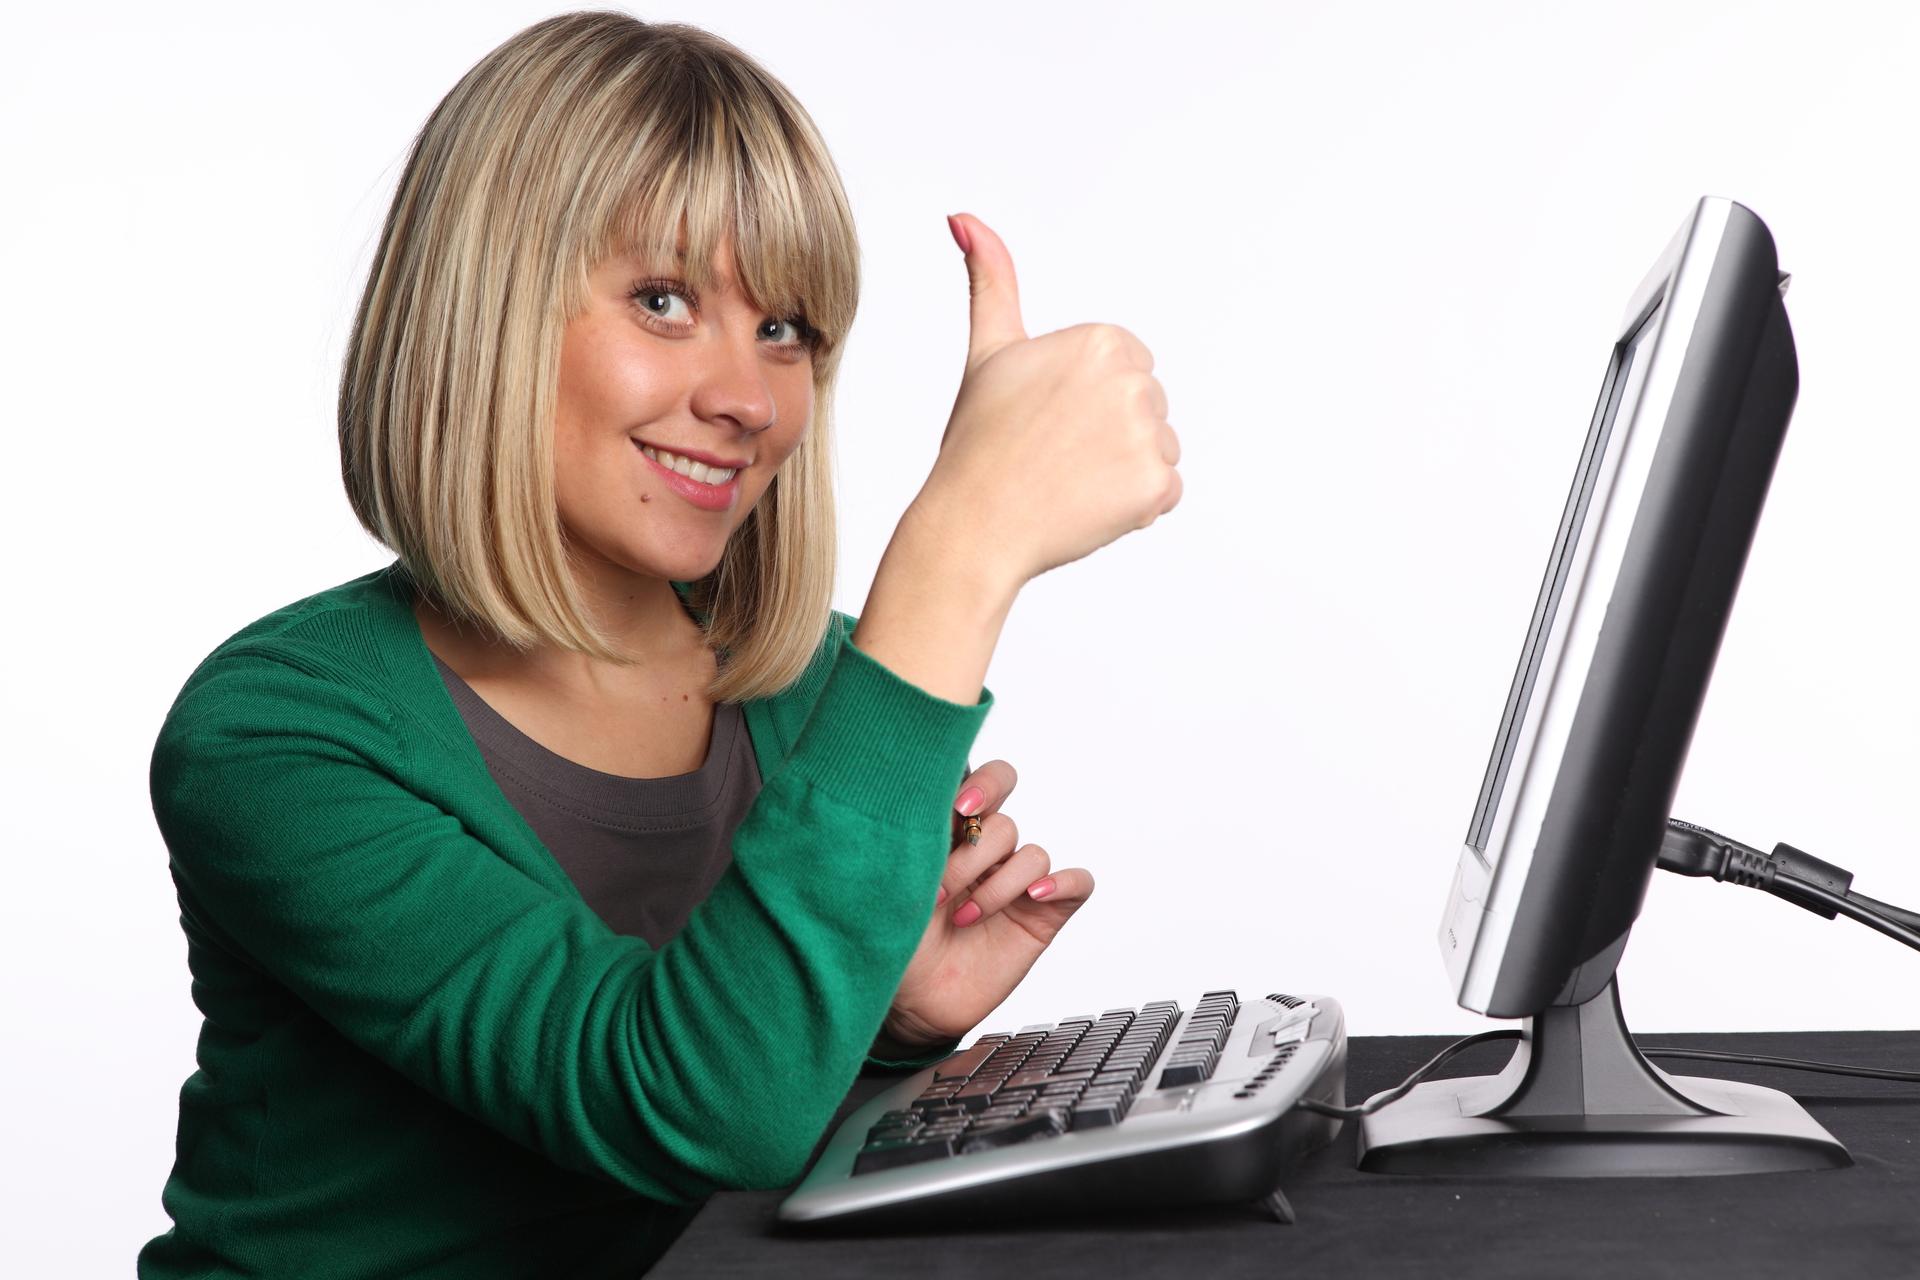 вагона как показать друзьям фото через интернет этот цвет вас